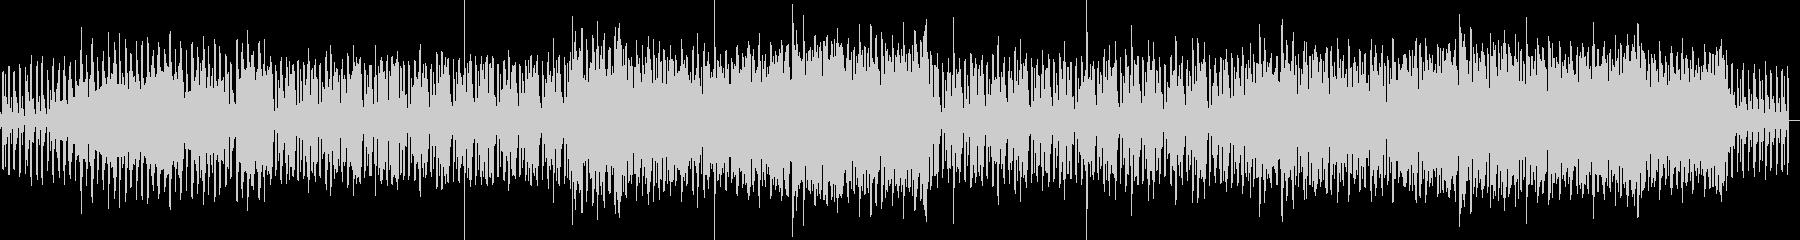 ハウスロックギターリフ。の未再生の波形